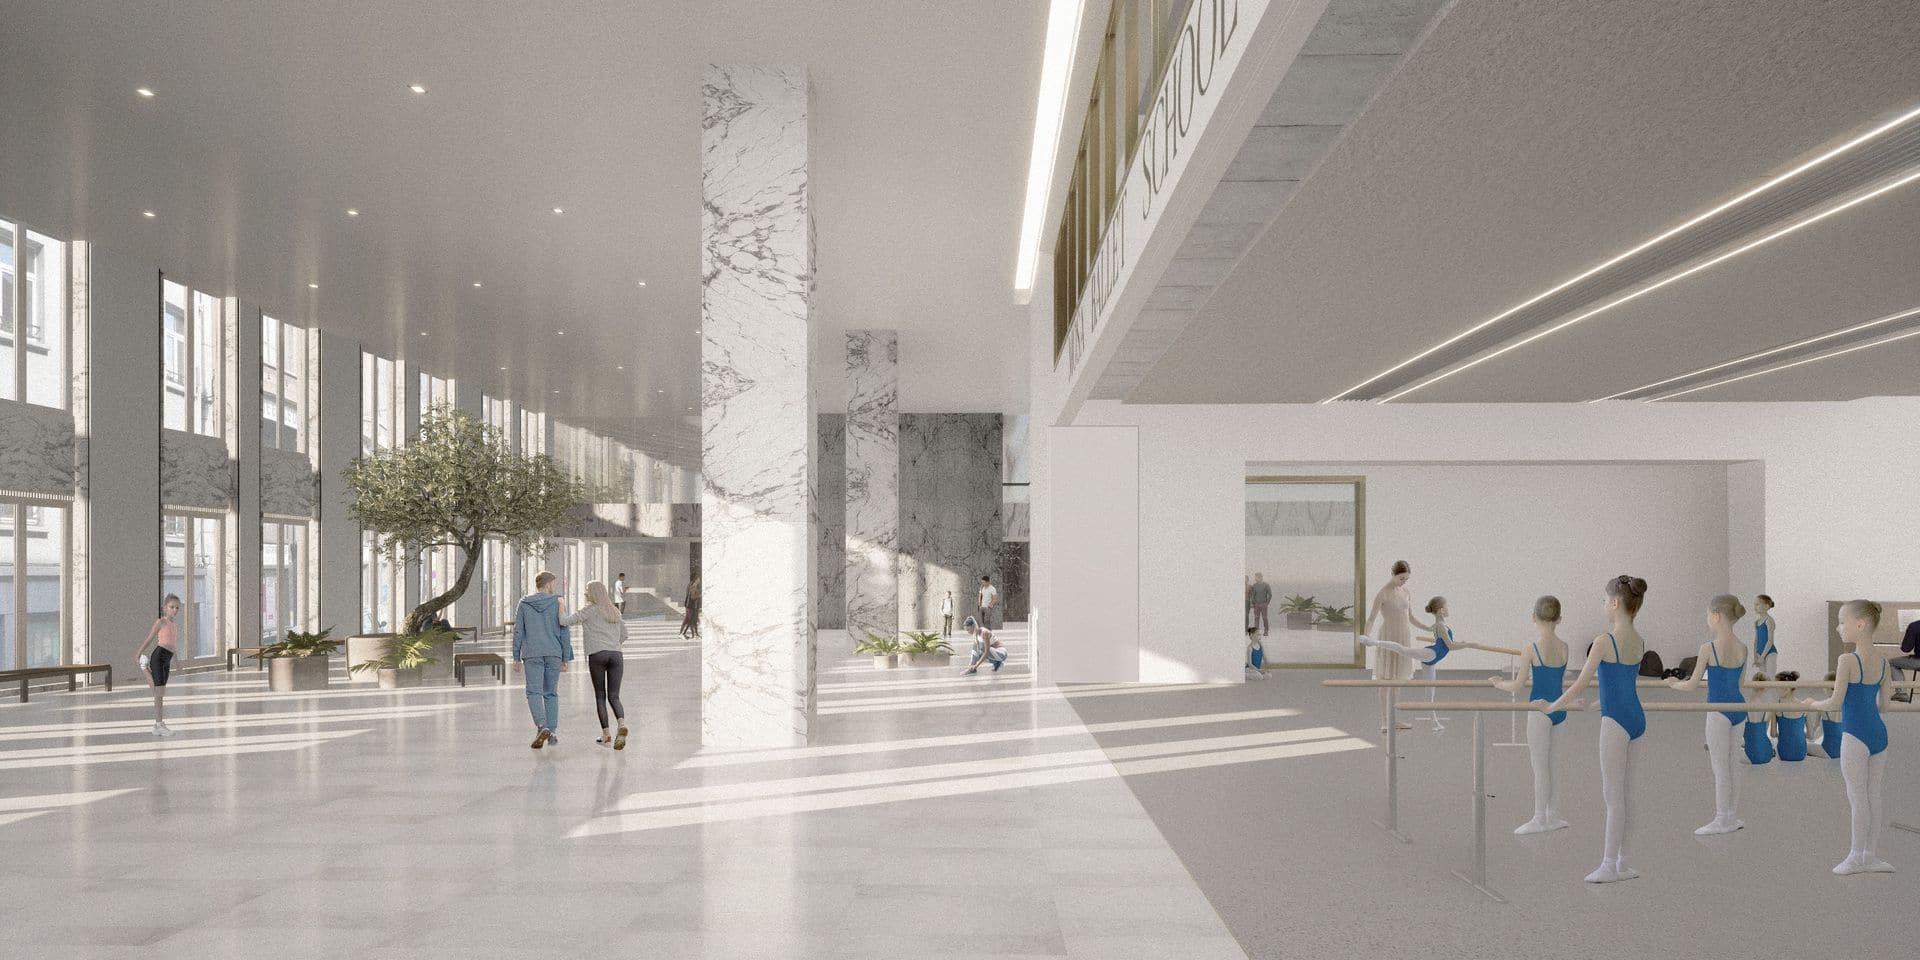 Les futurs élèves de la Mosa Ballet School bénéficieront d'une infrastructure unique, avec, entre autres, neuf studios de danse, aménagés dans l'ancien siège de la BNB à Liège.